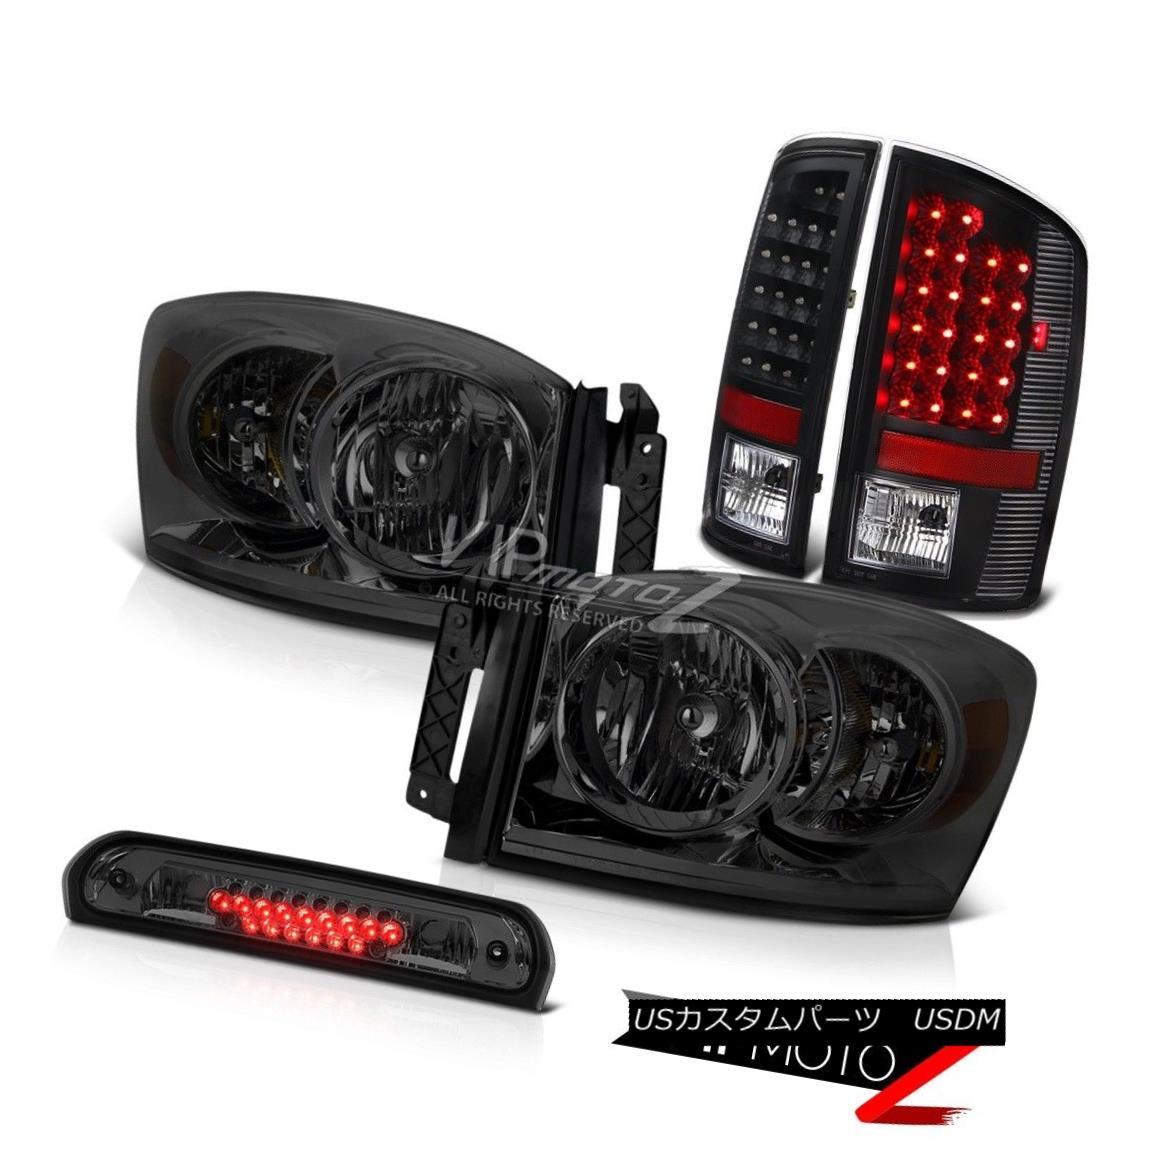 ヘッドライト Tinted Headlights L+R Black Brake LED Tail Lights 3rd Cargo 07-08 Dodge Ram 2500 着色ヘッドライトL + RブラックブレーキLEDテールライト3rd Cargo 07-08 Dodge Ram 2500